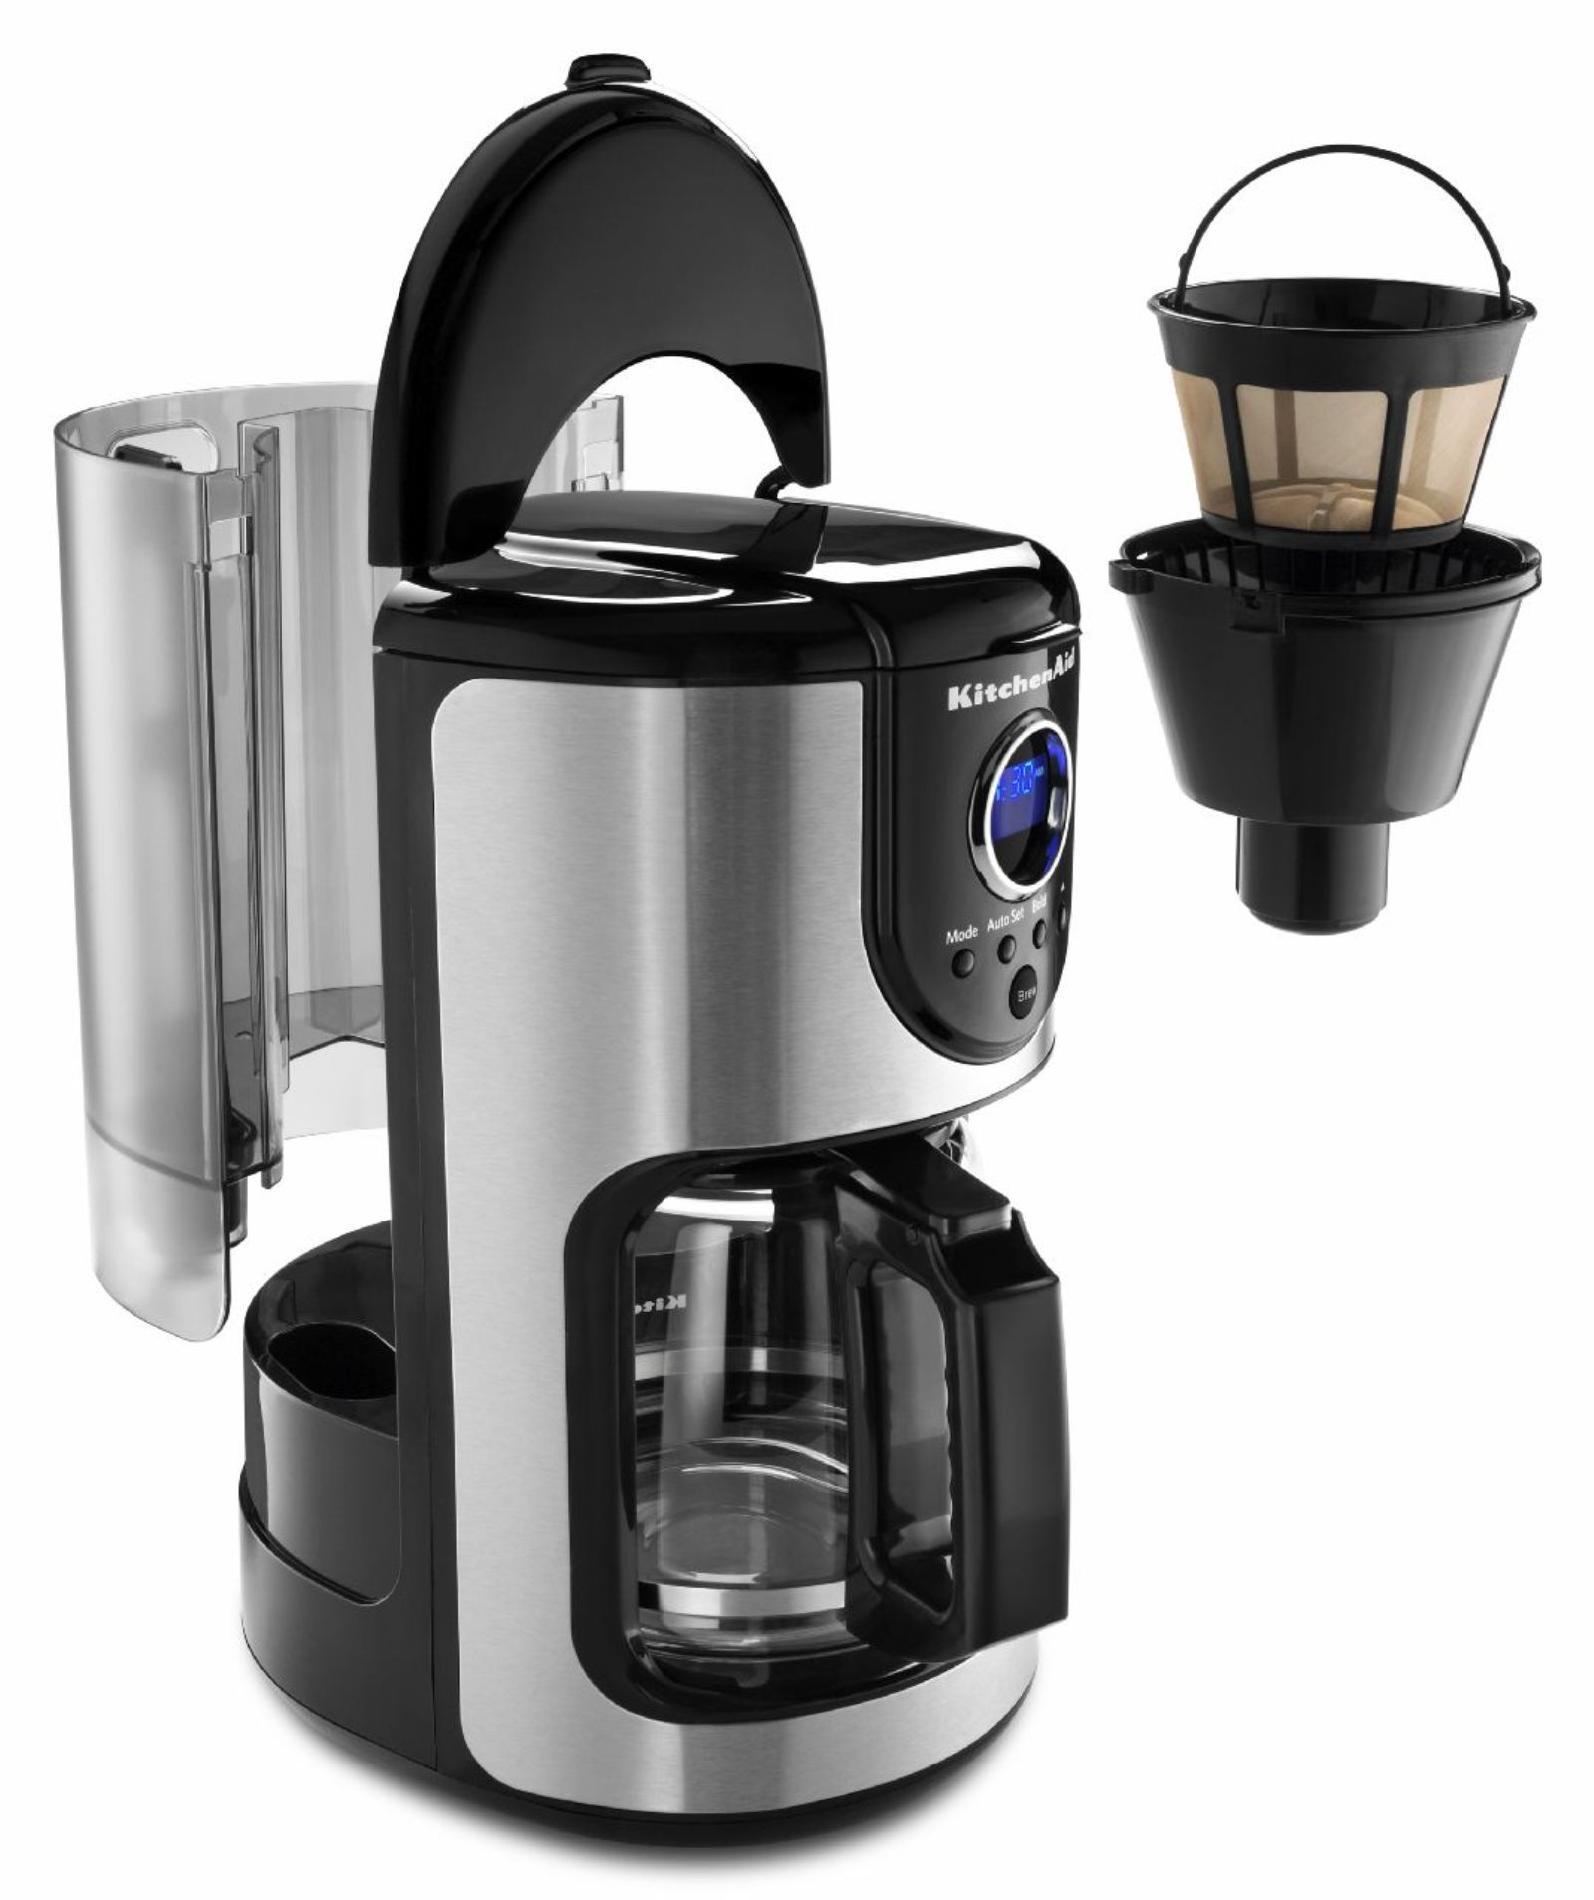 KitchenAid KCM111OB 12-Cup Coffeemaker